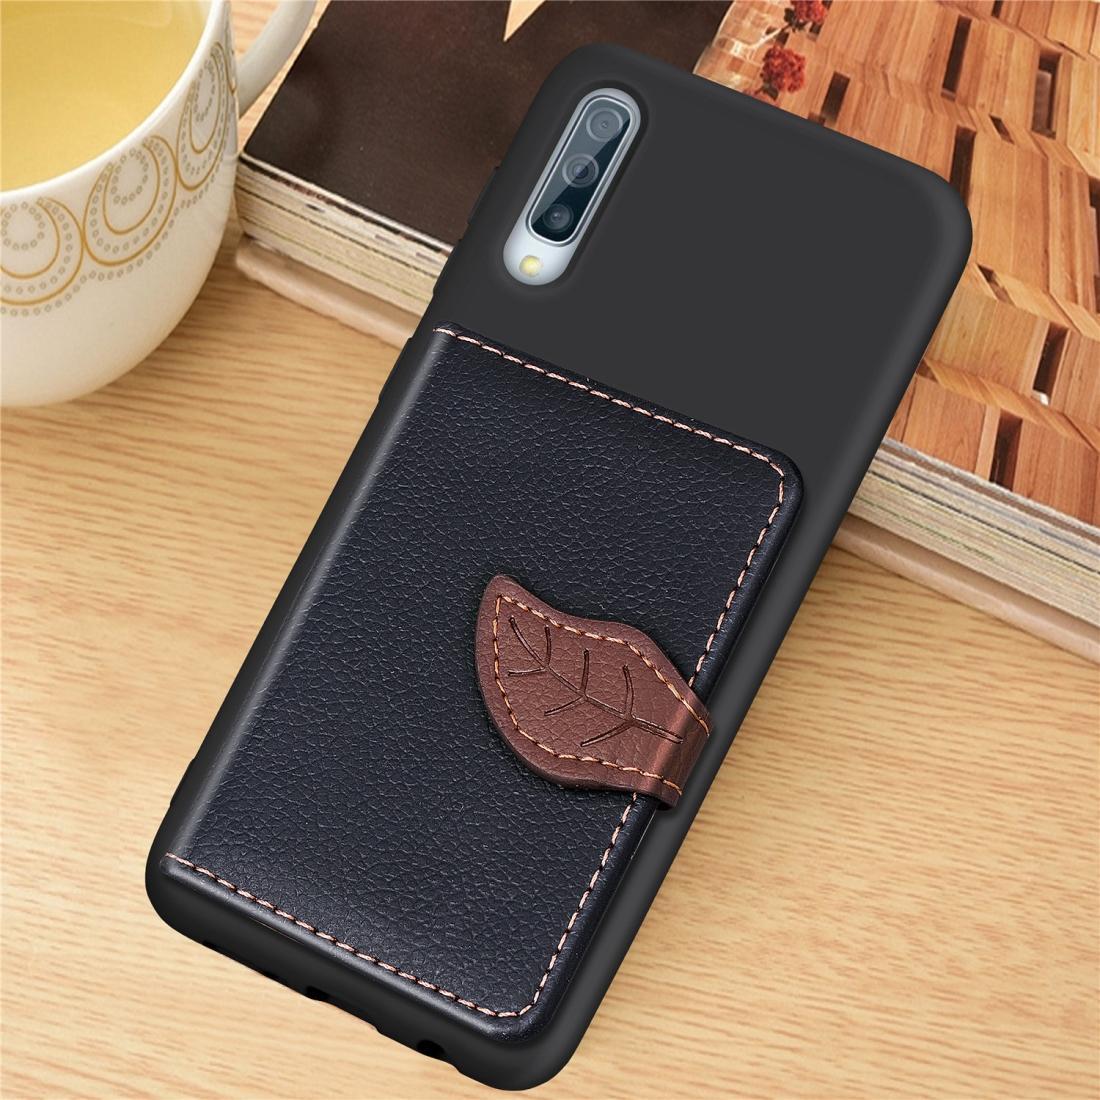 Patrón litchi tarjeta empaqueta la cartera caja del teléfono de TPU + Soporte con la tarjeta Función carpeta de la ranura del soporte para la galaxia A50